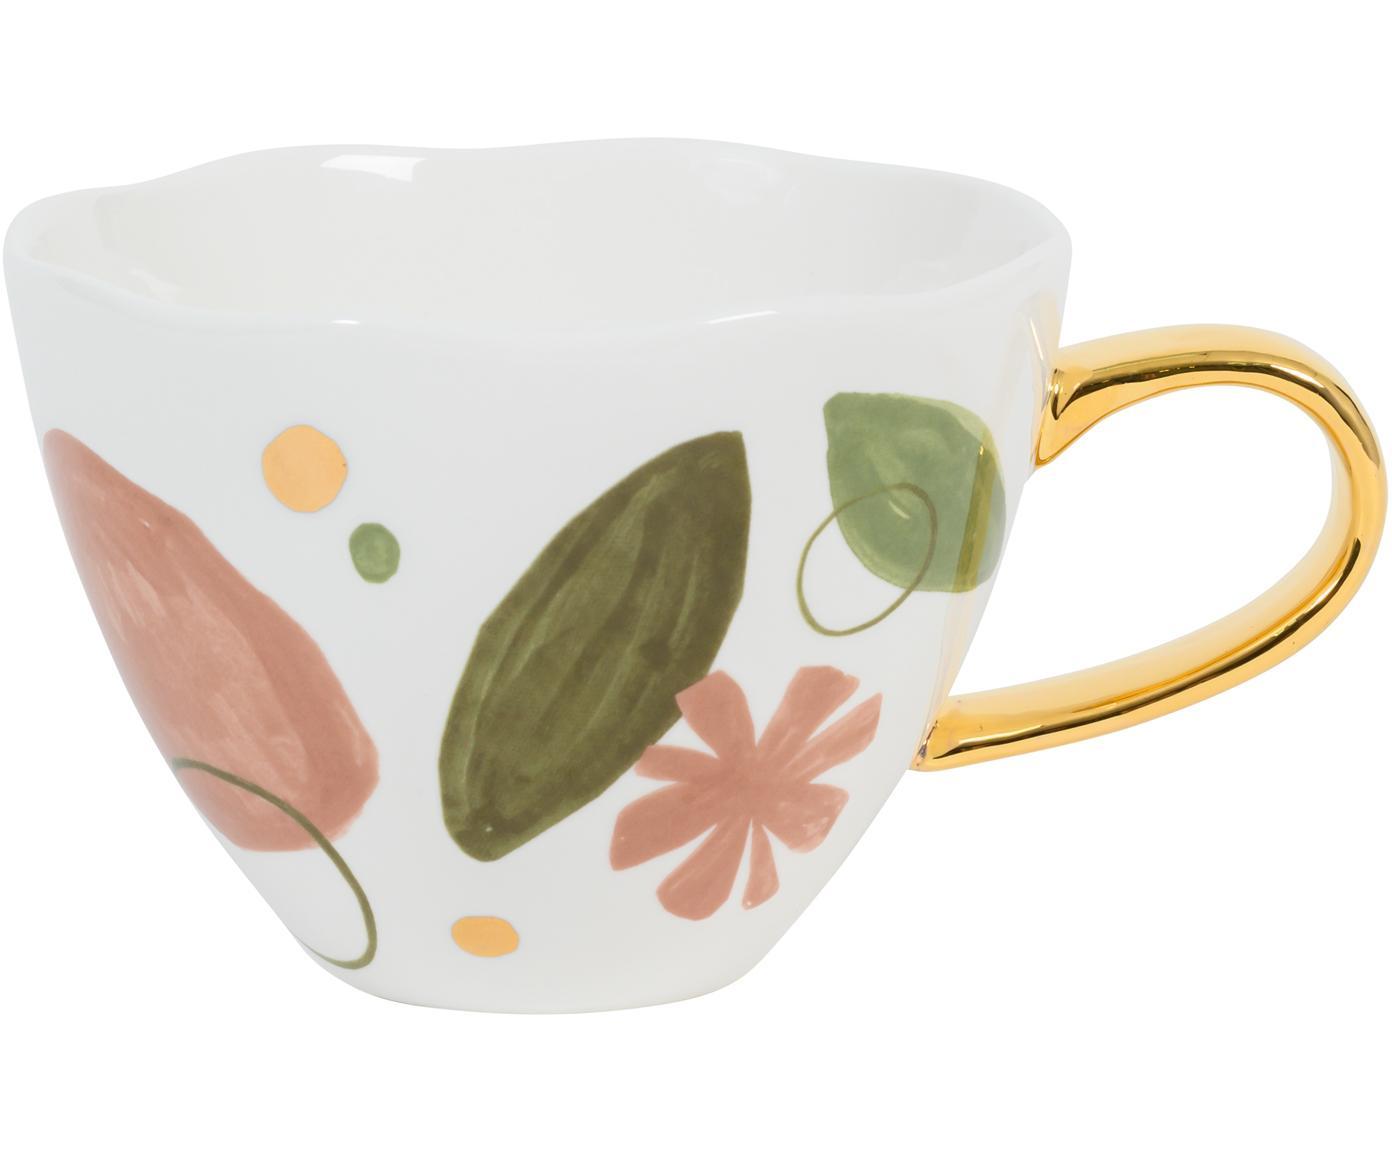 Tazza con manico dorato Expressive, Porcellana, Bianco. rosa, verde, dorato, Ø 11 x Alt. 9 cm